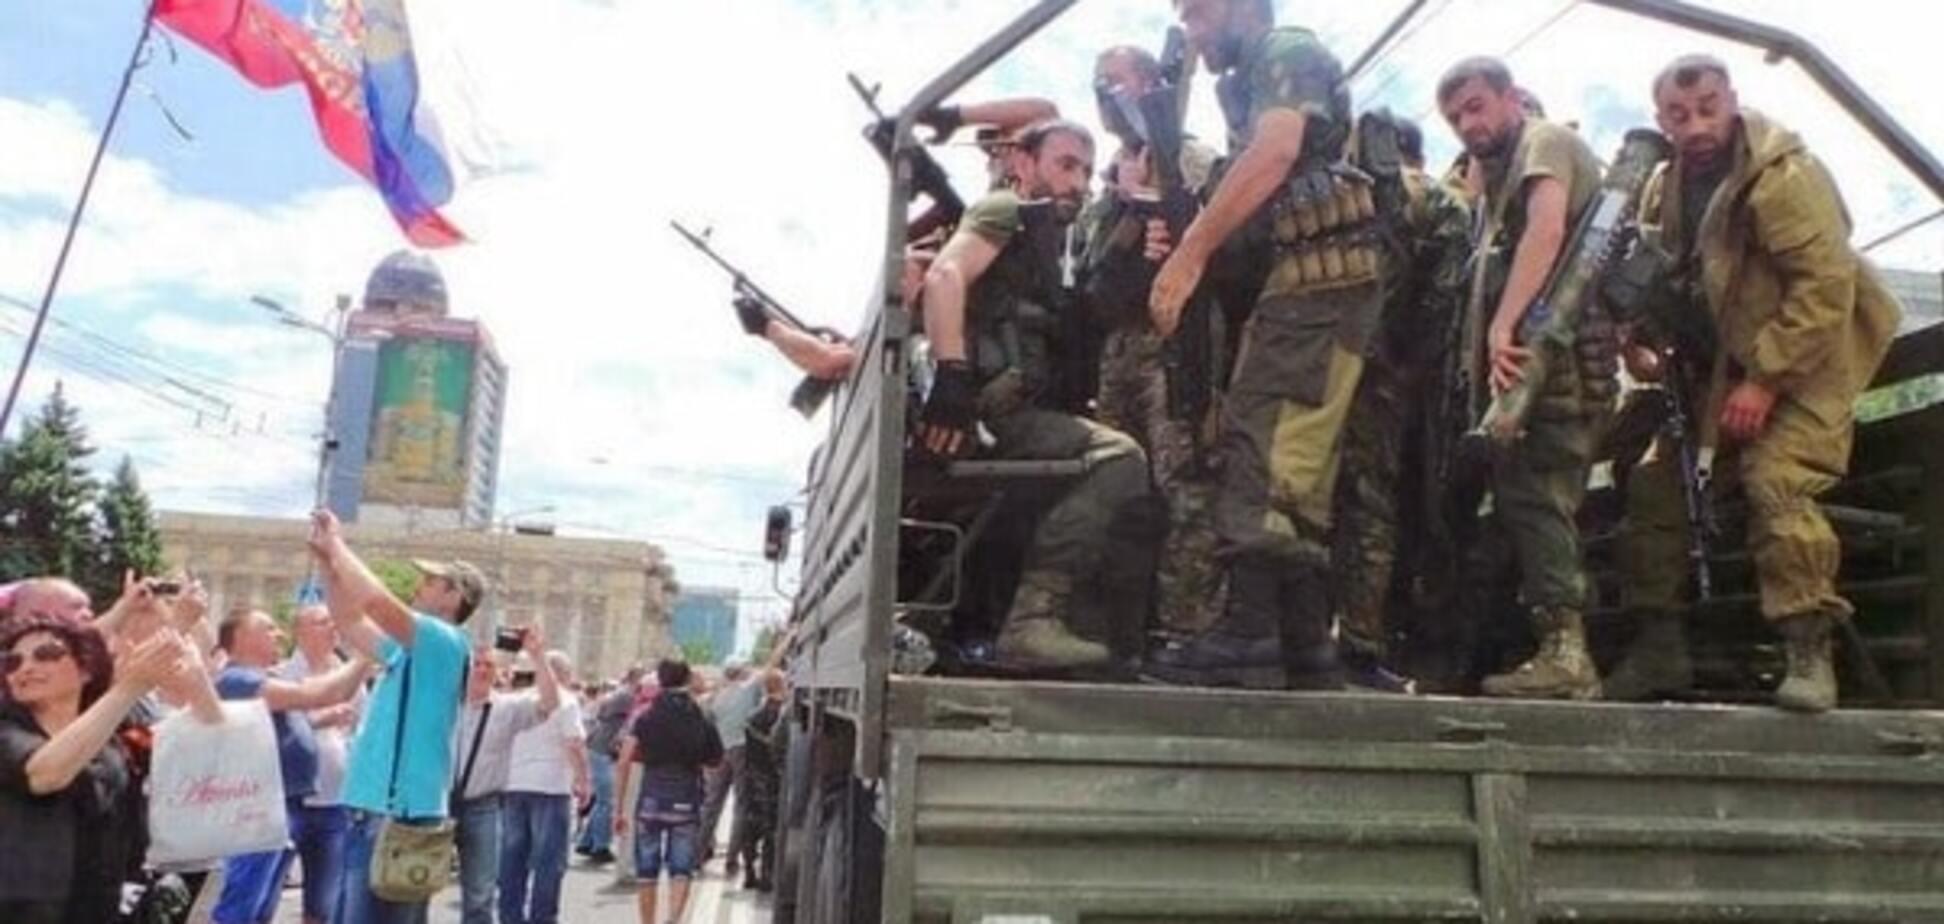 Стало відомо, як російських мусульман відправляють воювати з 'бандерівцями'